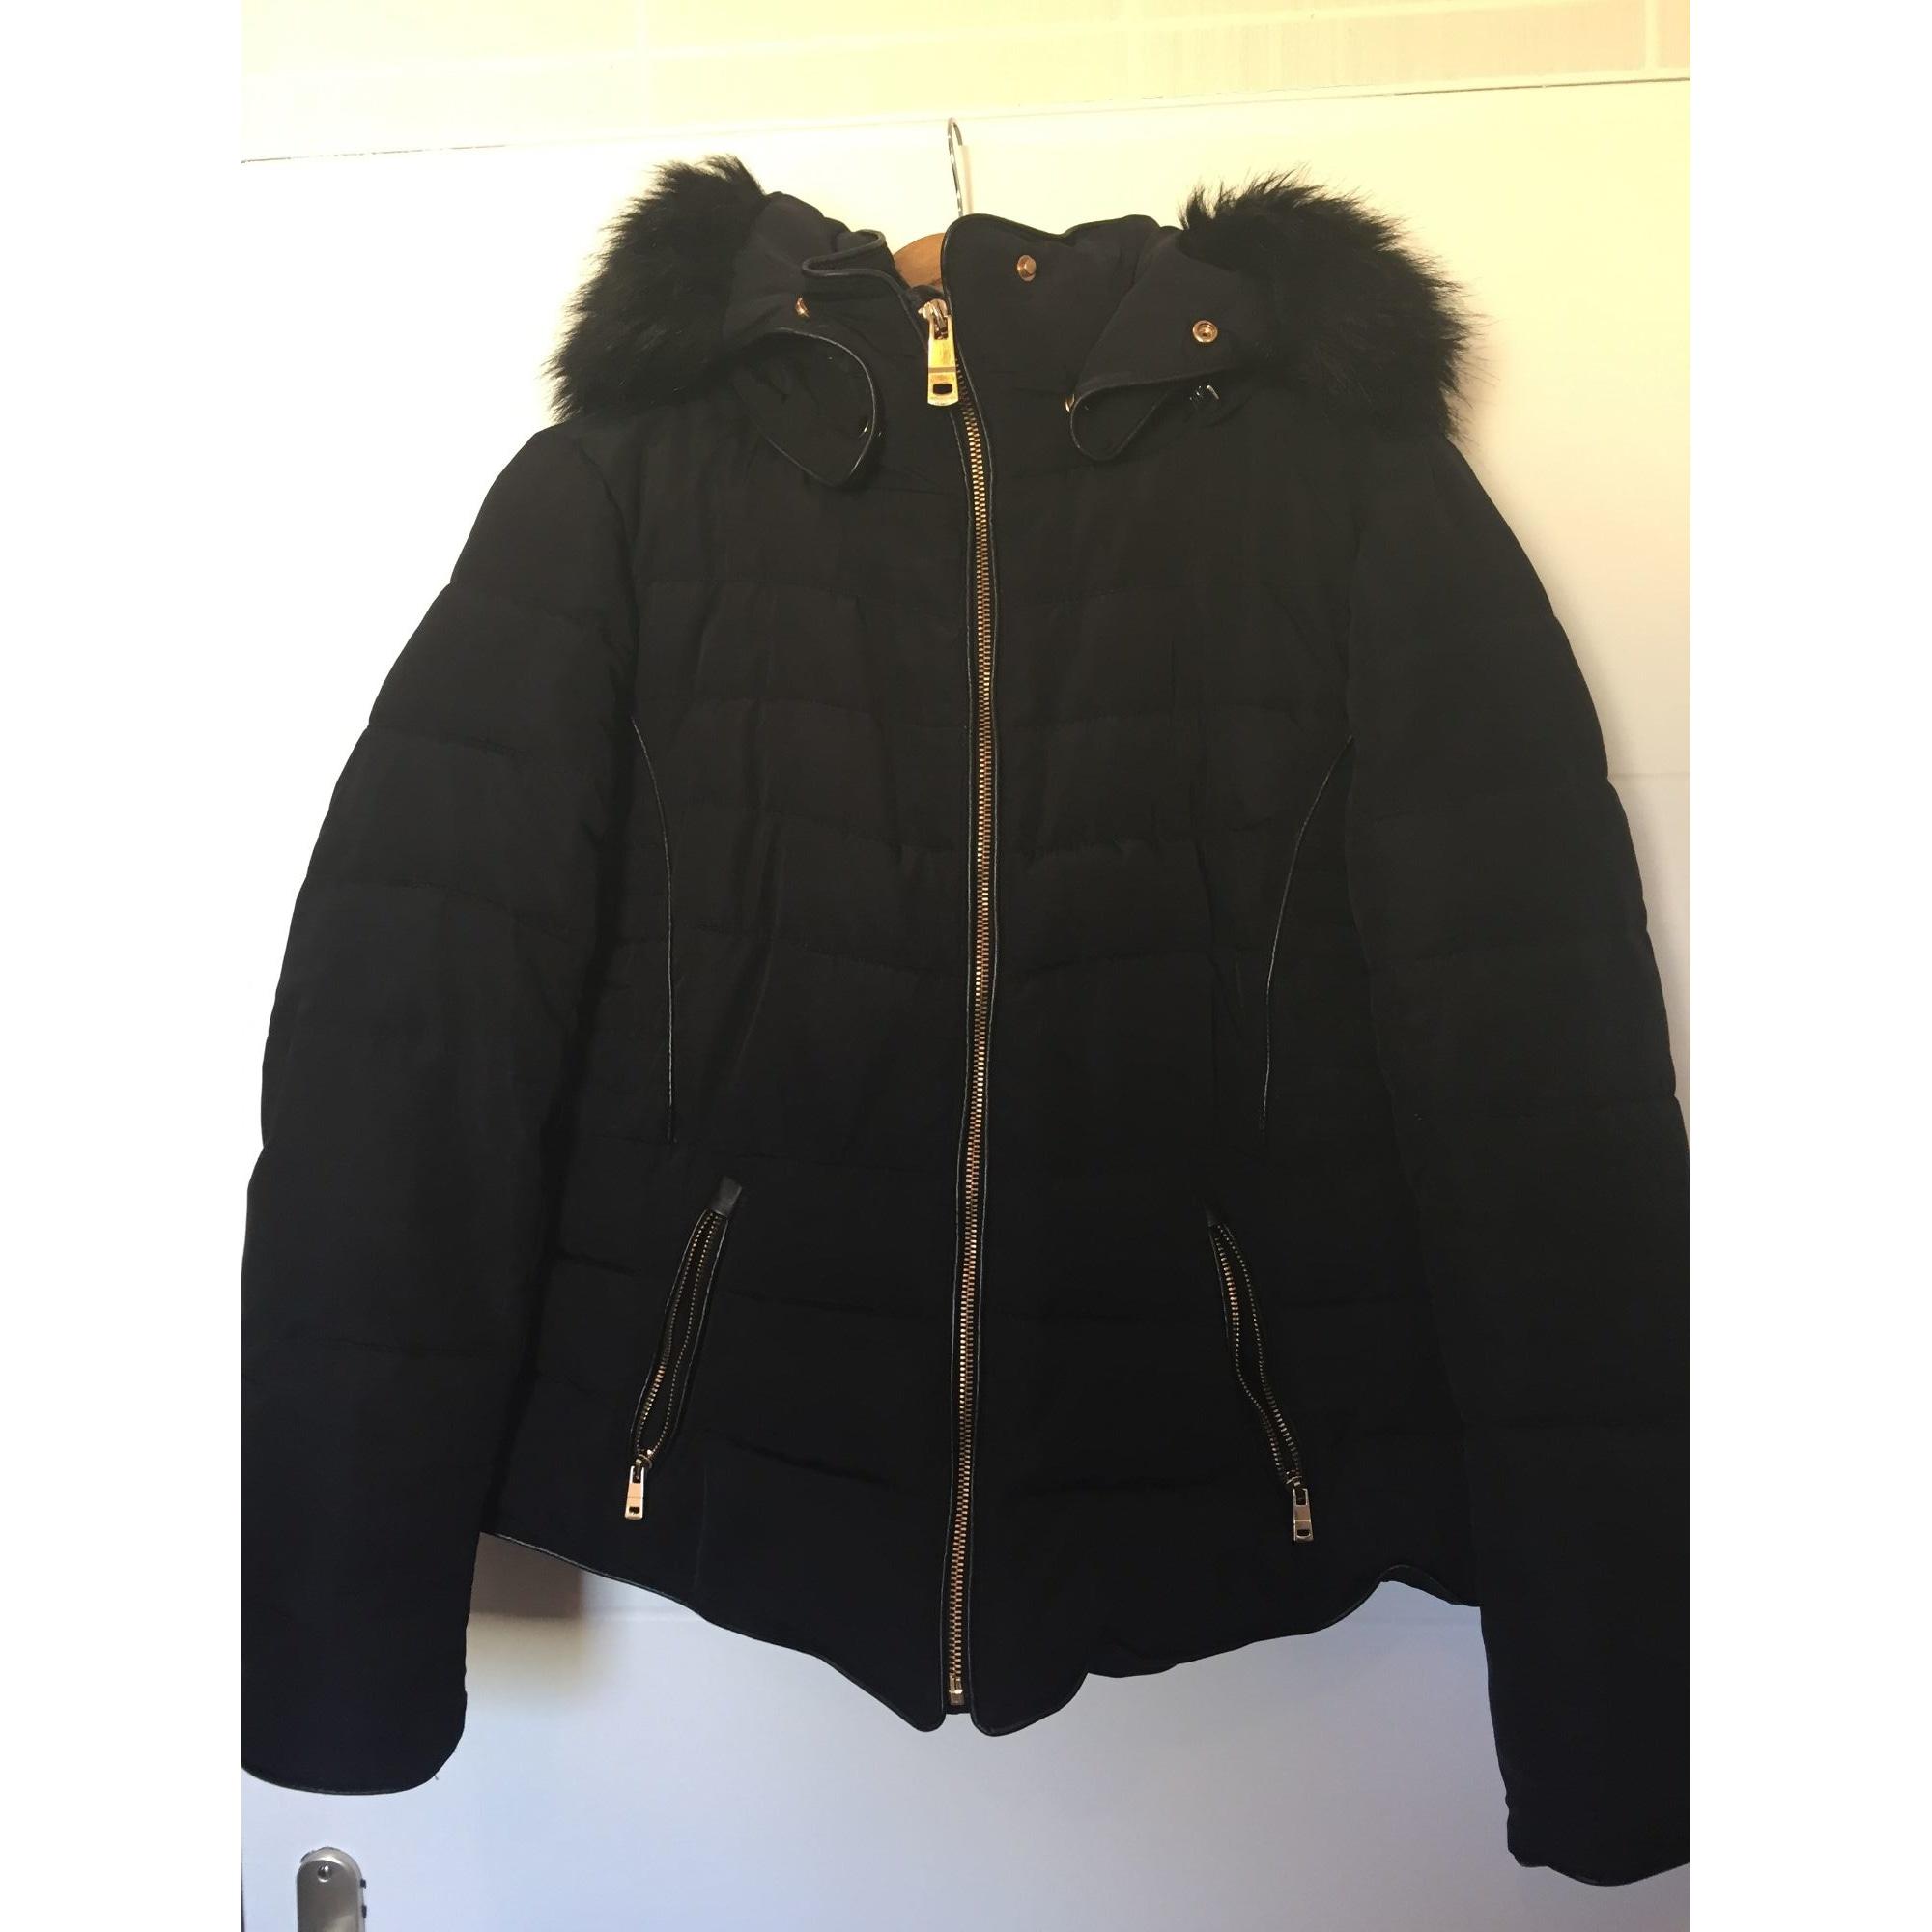 Zara Zip Manteau Noir XL   eBay